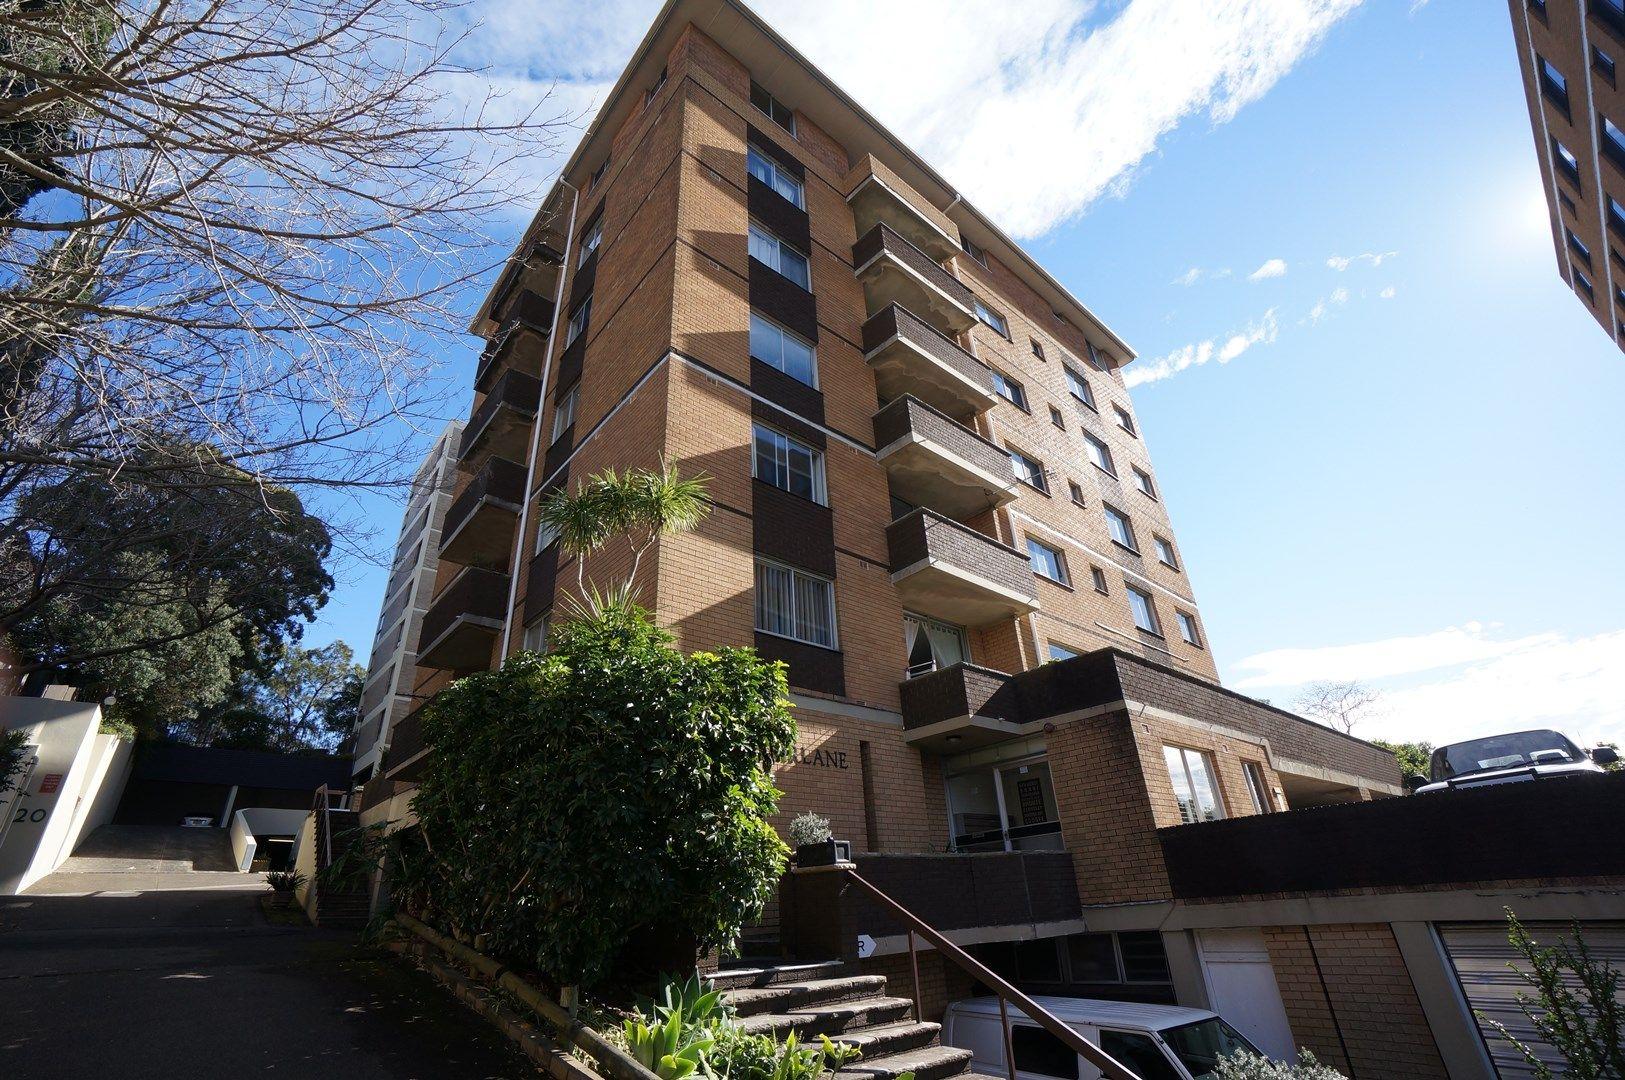 14/18 boronia Street, Kensington NSW 2033, Image 0